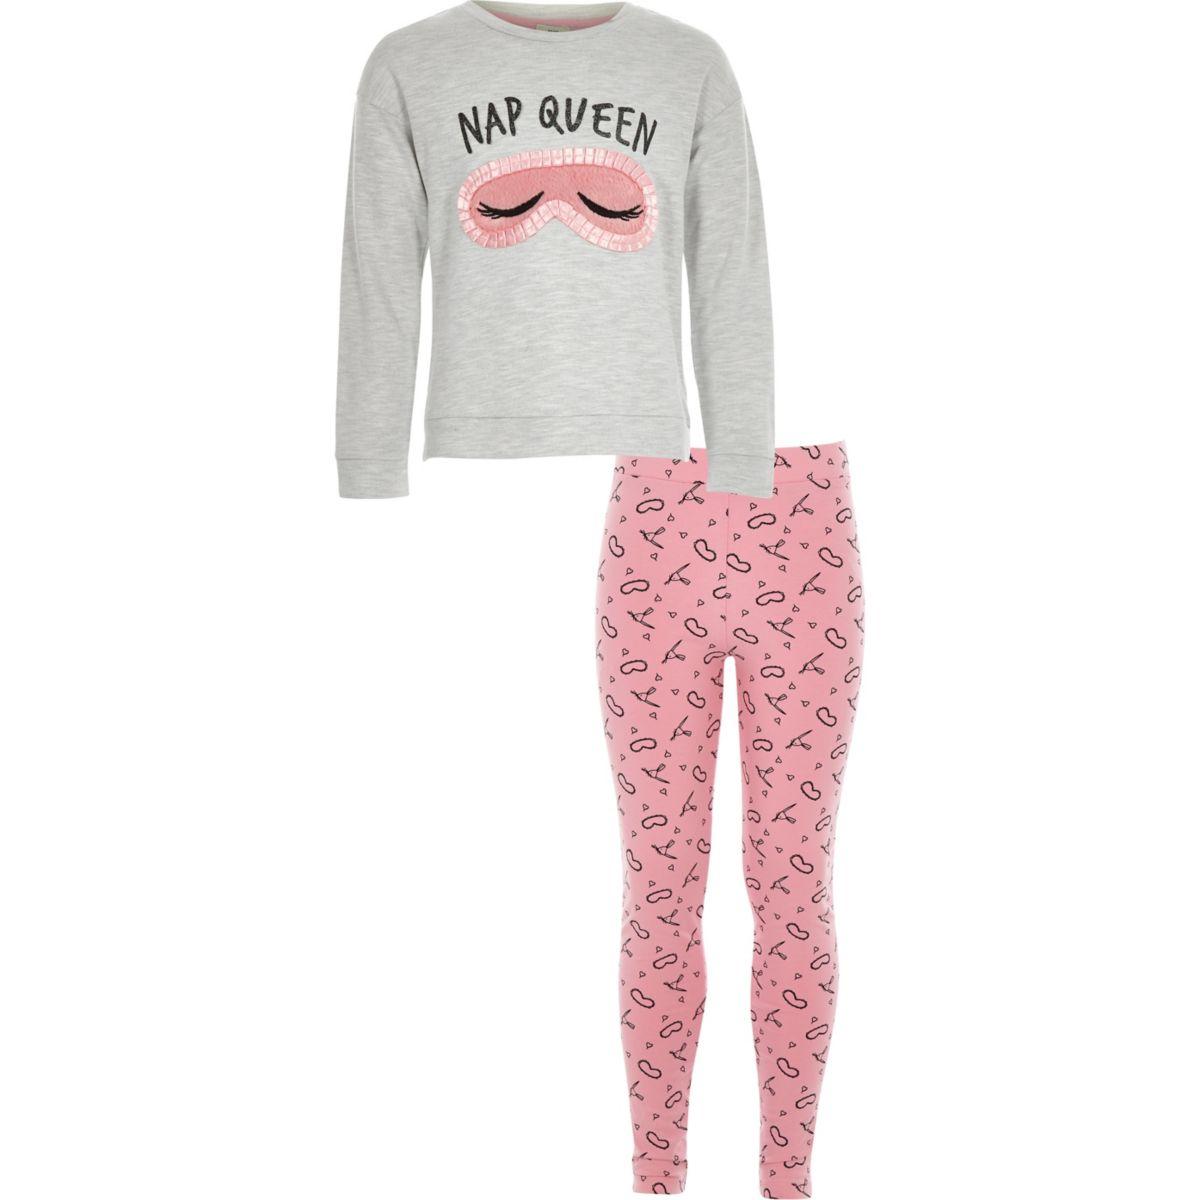 Girls grey 'nap queen' pyjama set